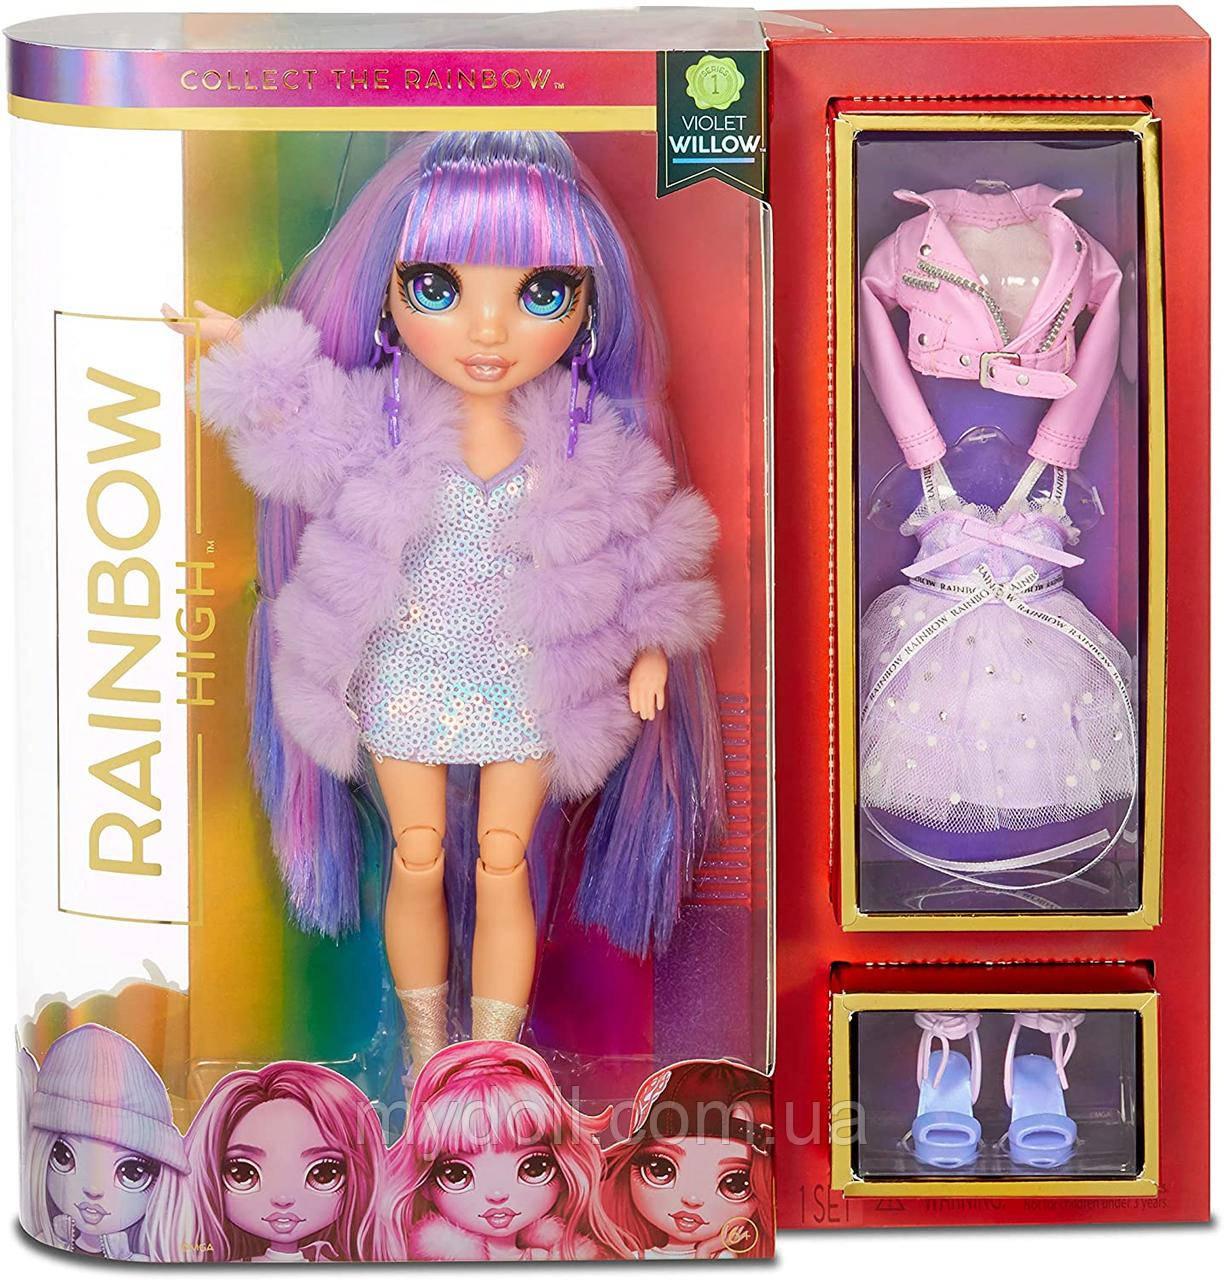 Уцінка! Лялька Rainbow High Віолетта Violet Willow Purple Фіолетова Мосту Хай Вайолет Віллоу 569602 Оригінал